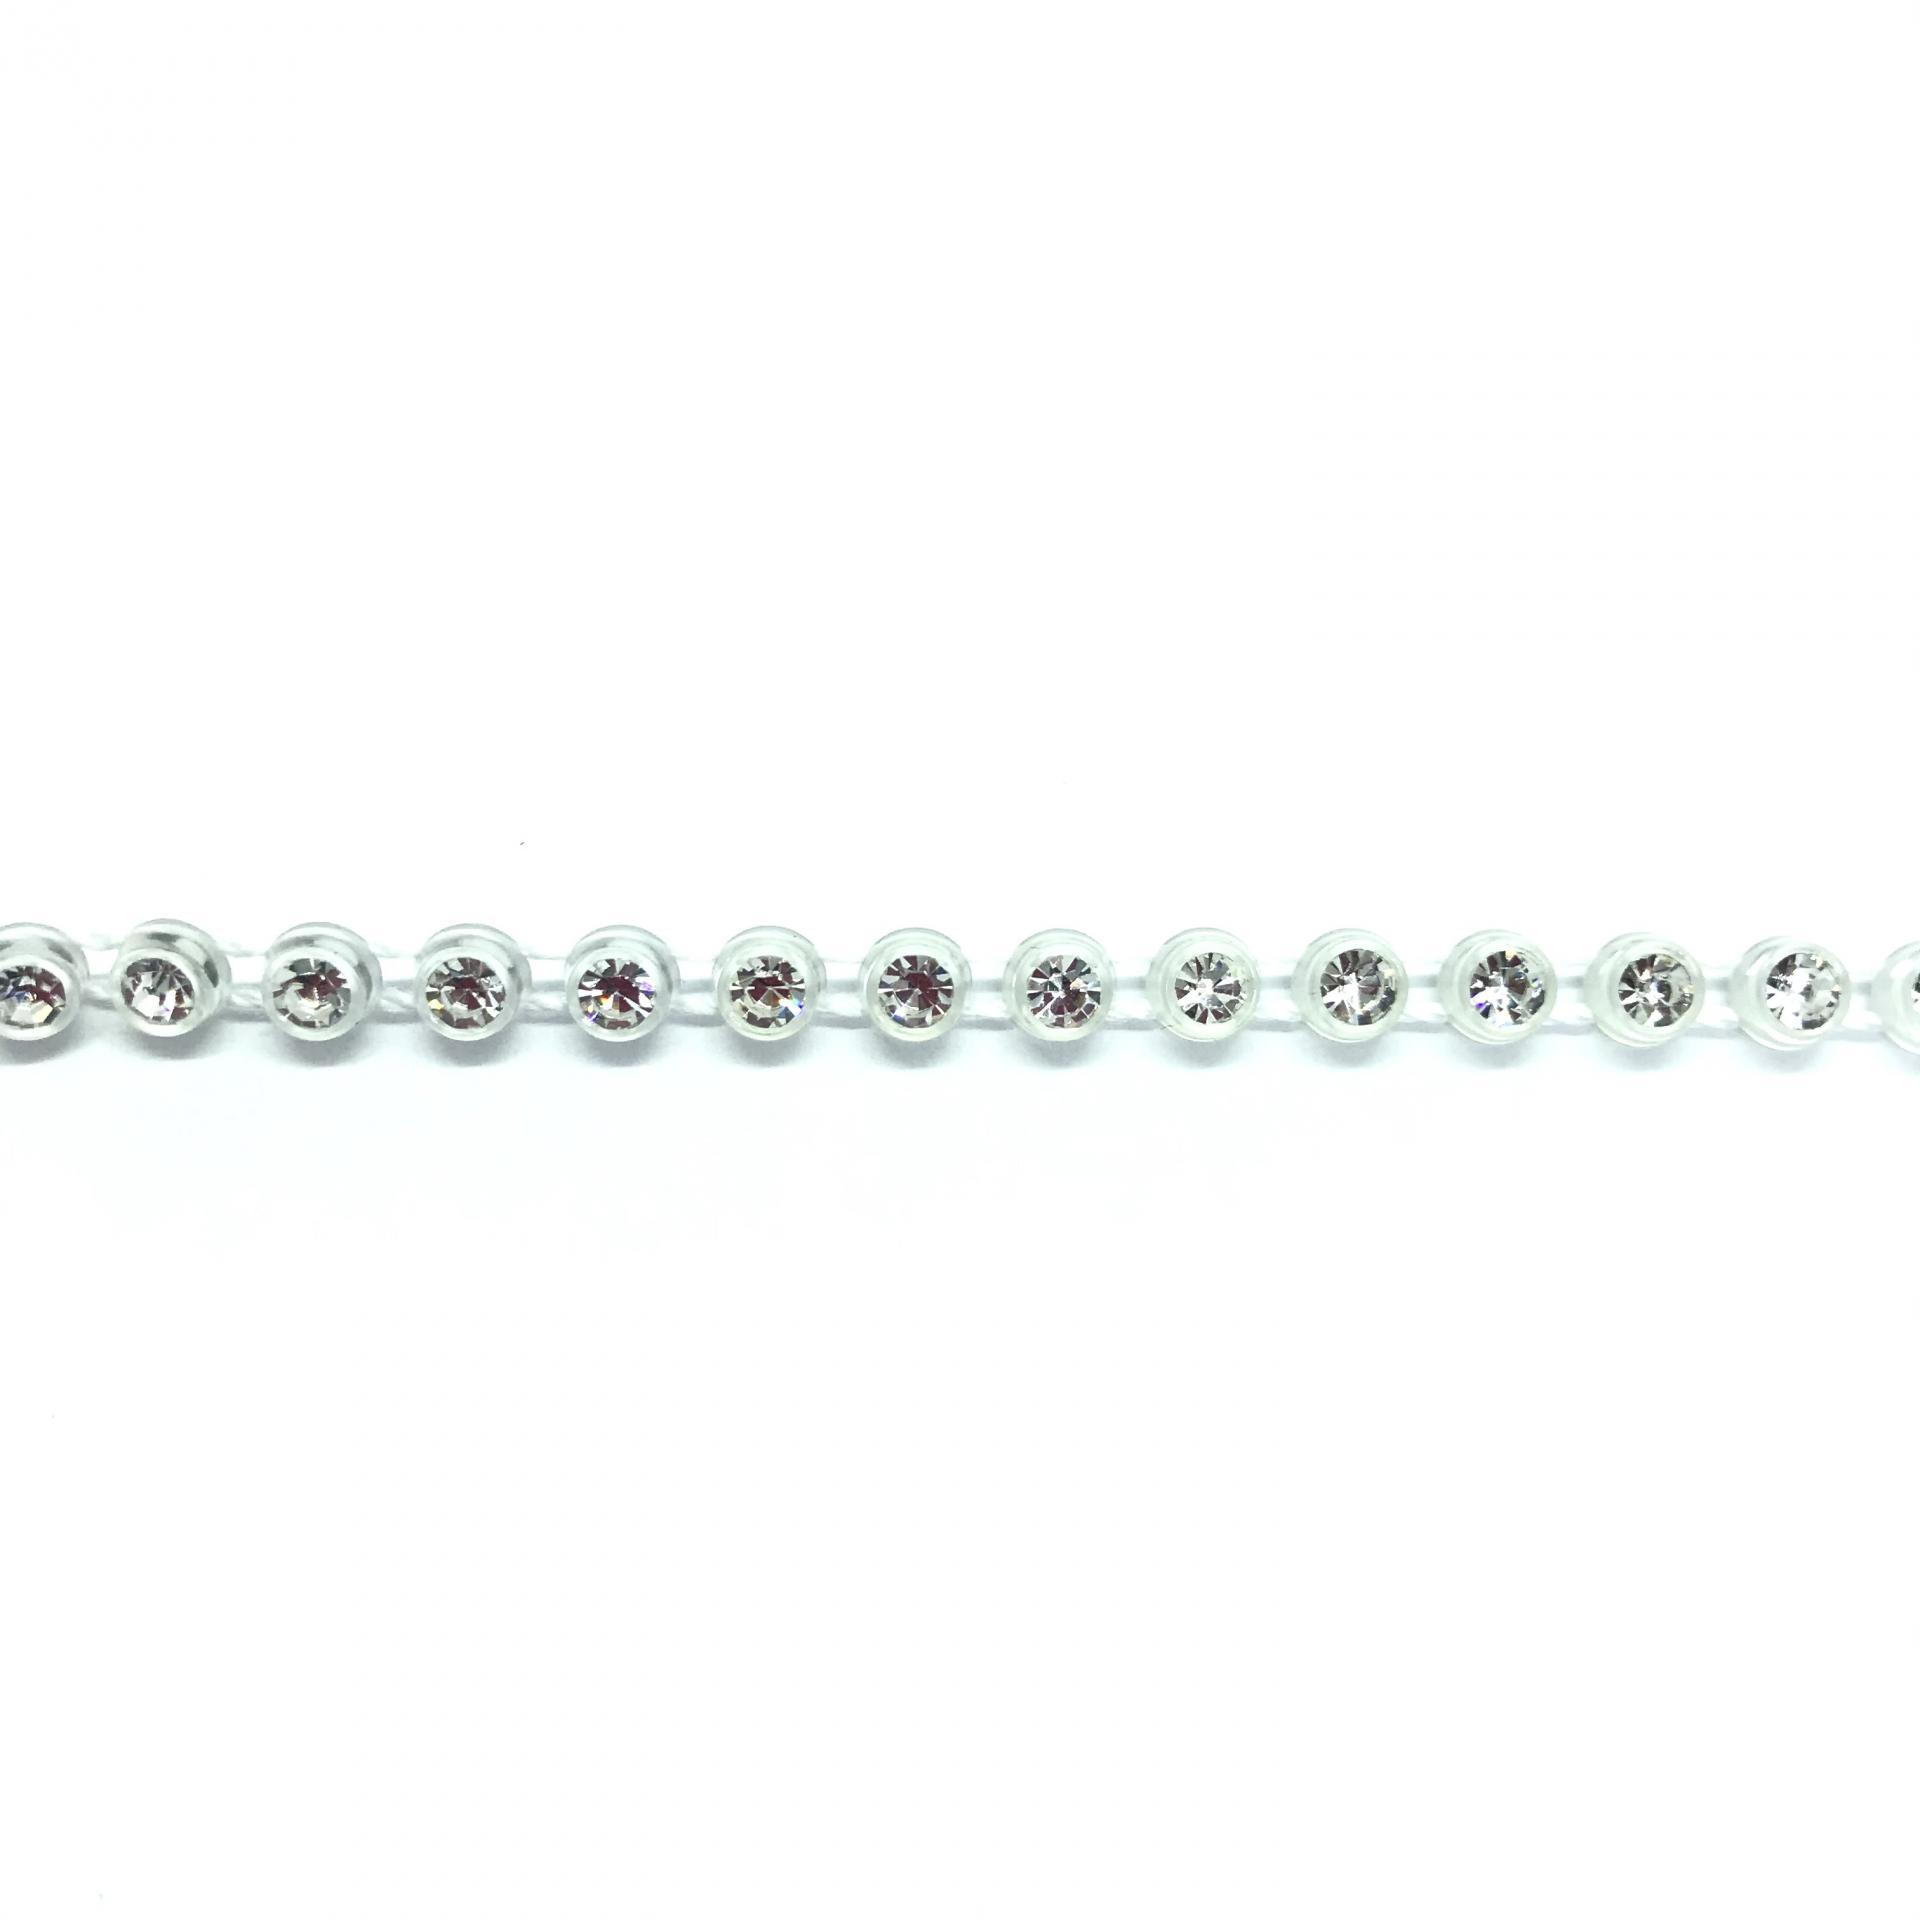 Galon de strass a coudre cristal base plastique translucide 3mm